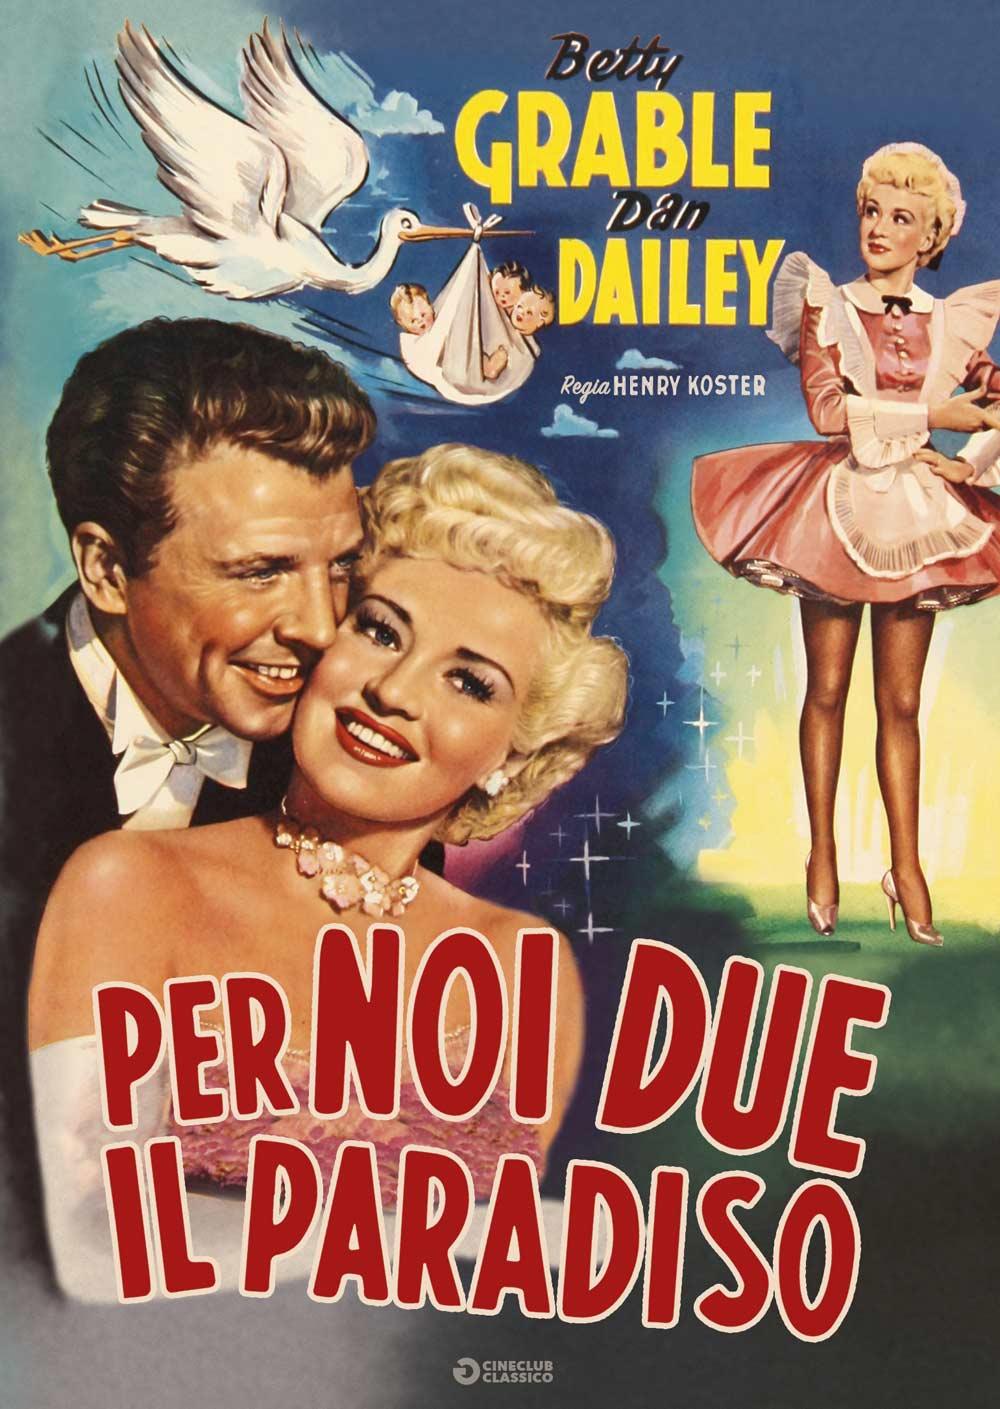 PER NOI DUE IL PARADISO (DVD)